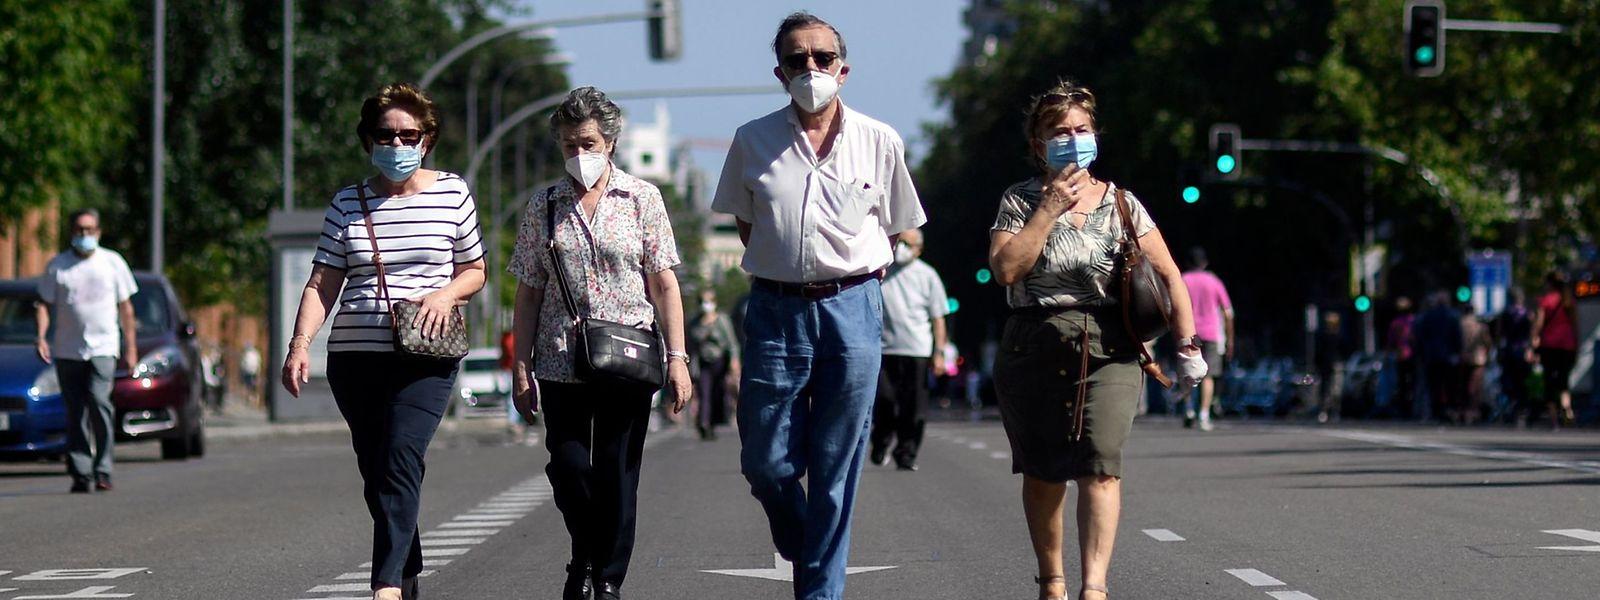 Le gouvernement fédéral belge a promis un masque par citoyen. Mais ça tarde...